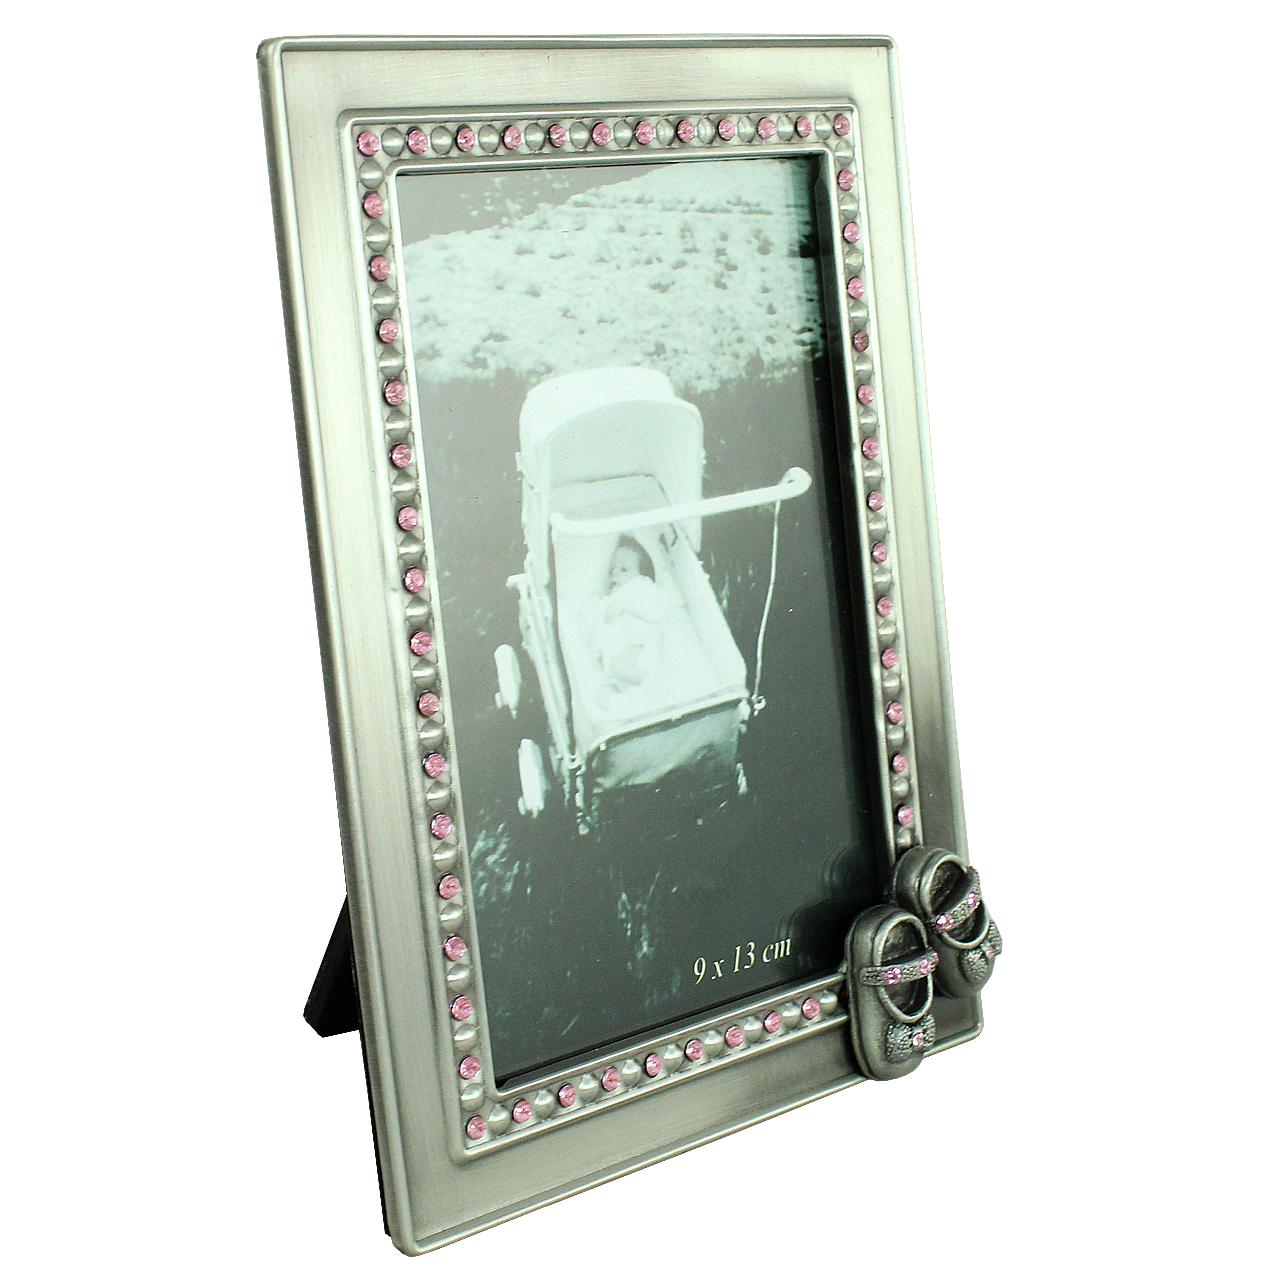 Rama Foto Dreptunghiulara Din Metal Argintiu Cu Pietre Roz 16x11.5 Cm